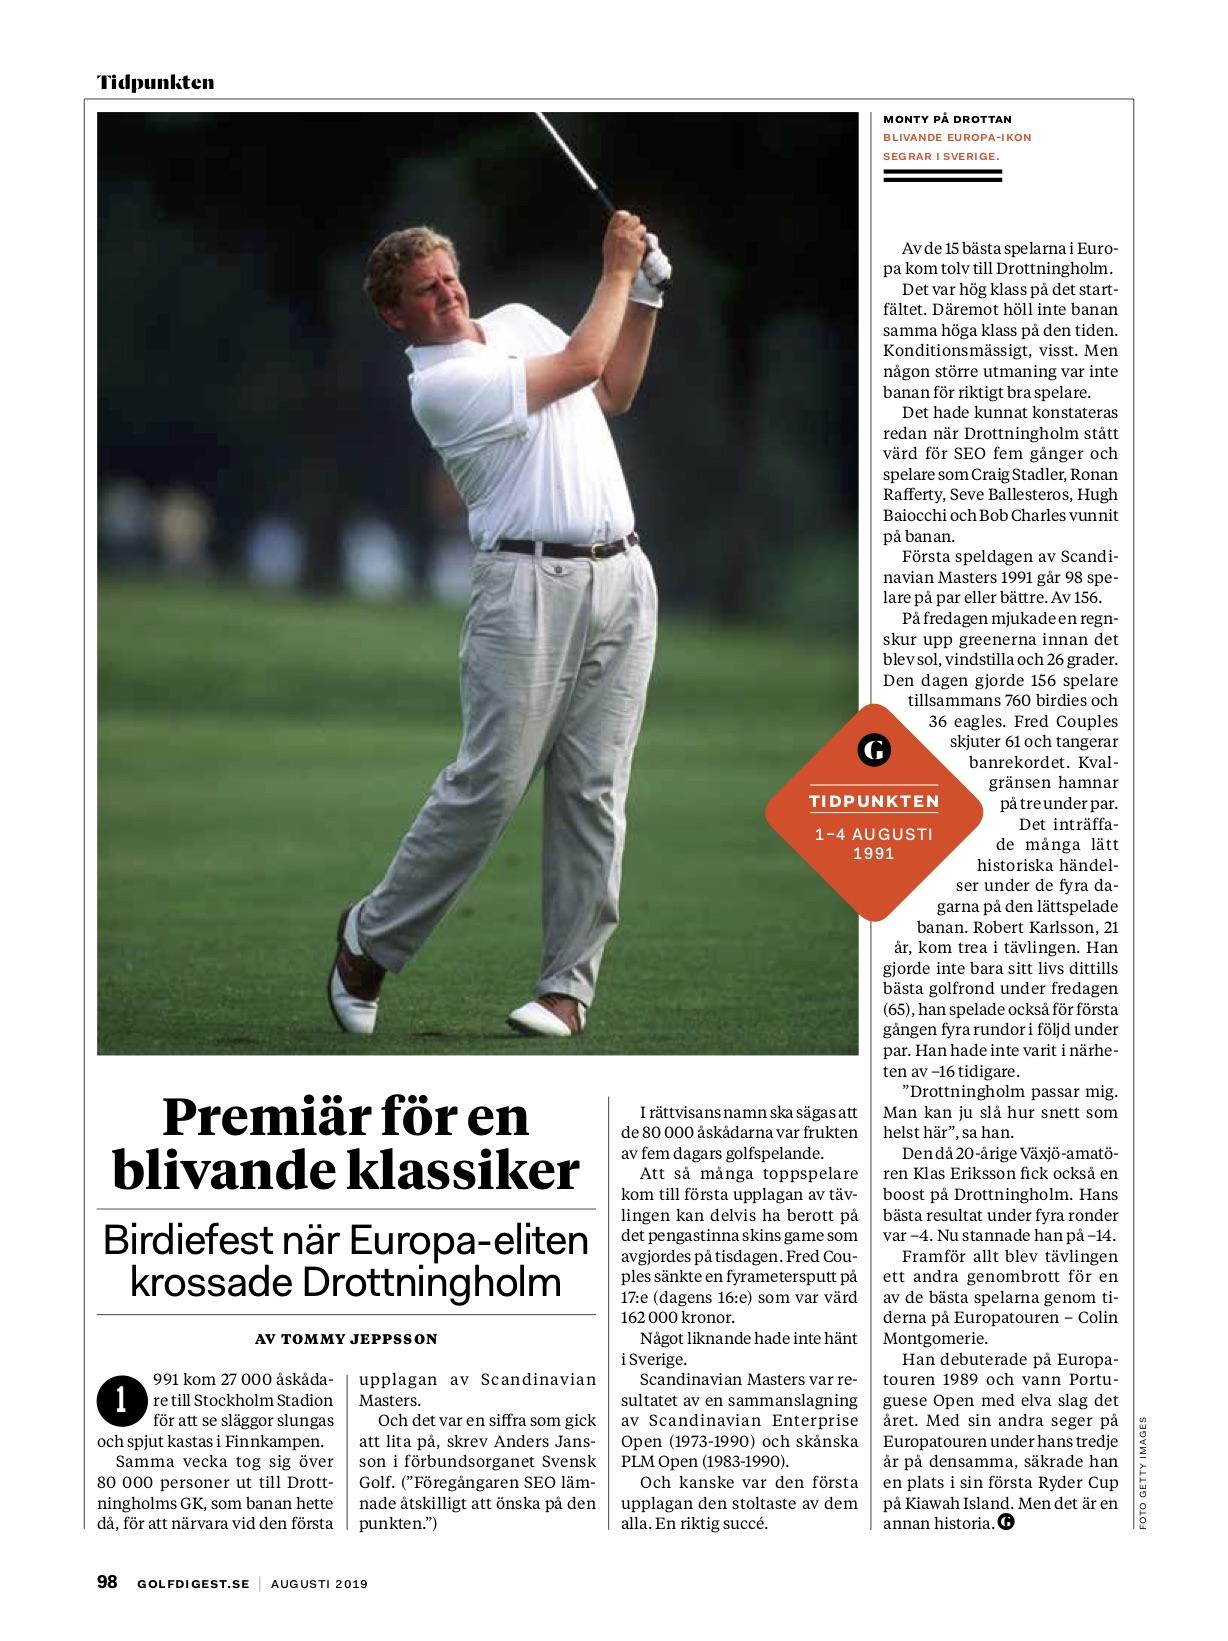 Birdiefest på Drottningholm – krönika om en klassisk golftävling för Golf Digest